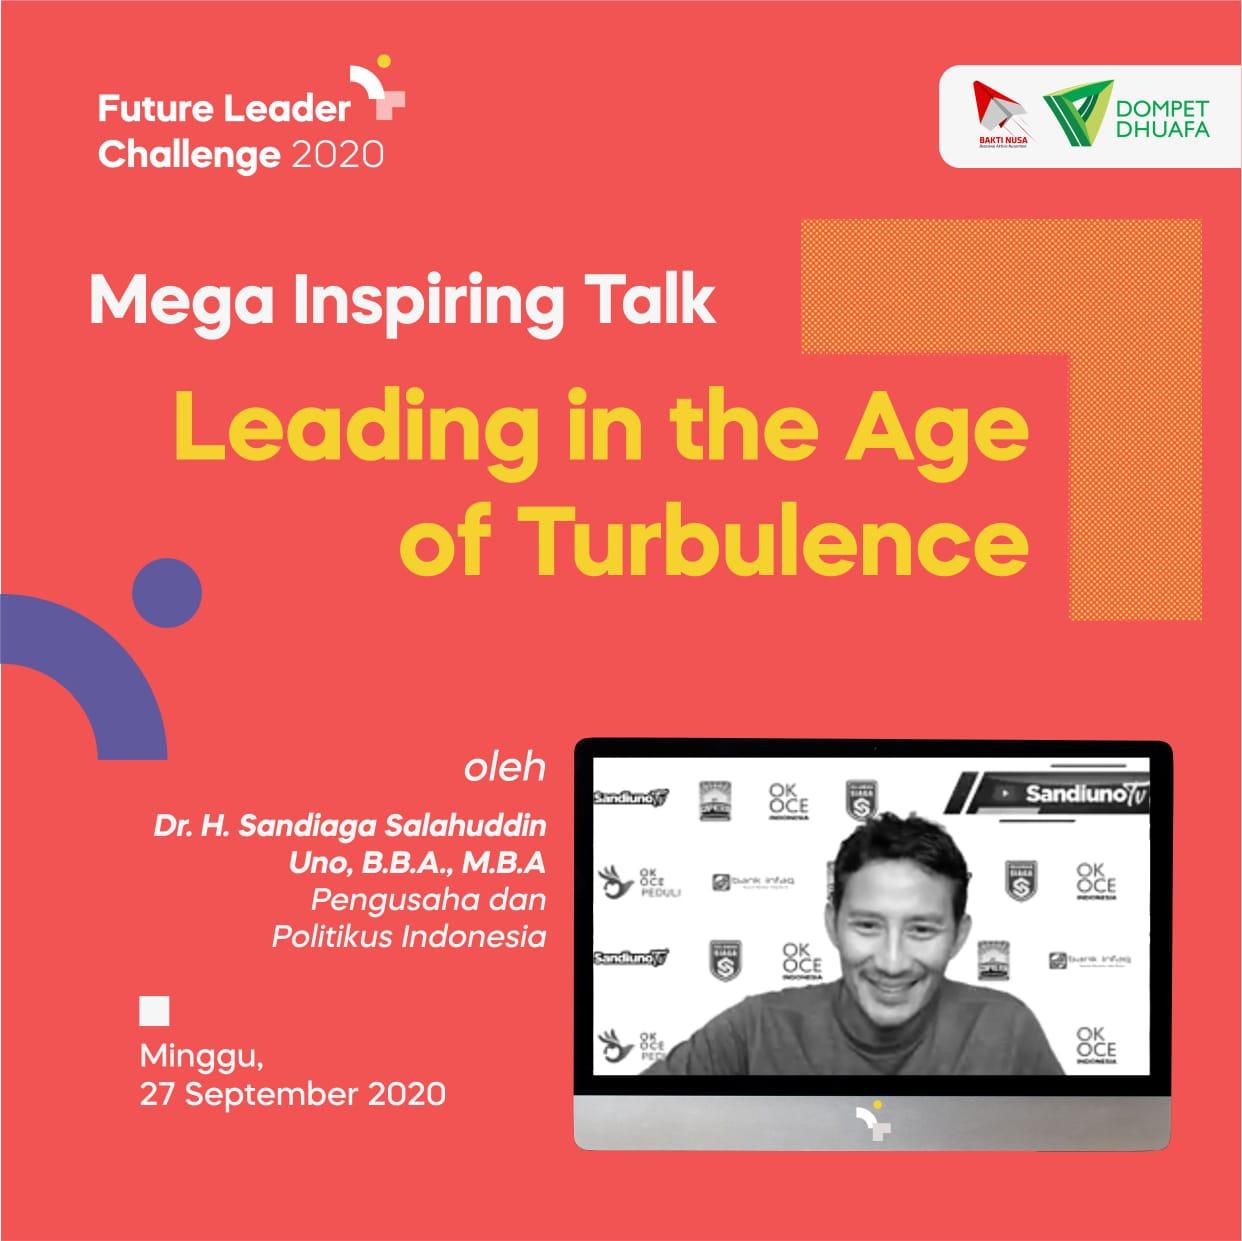 Sandiaga Uno Tingkatkan Komitmen, Konsistensi, dan Karakter Pemuda di Future Leader Challenge (FLC) 2020